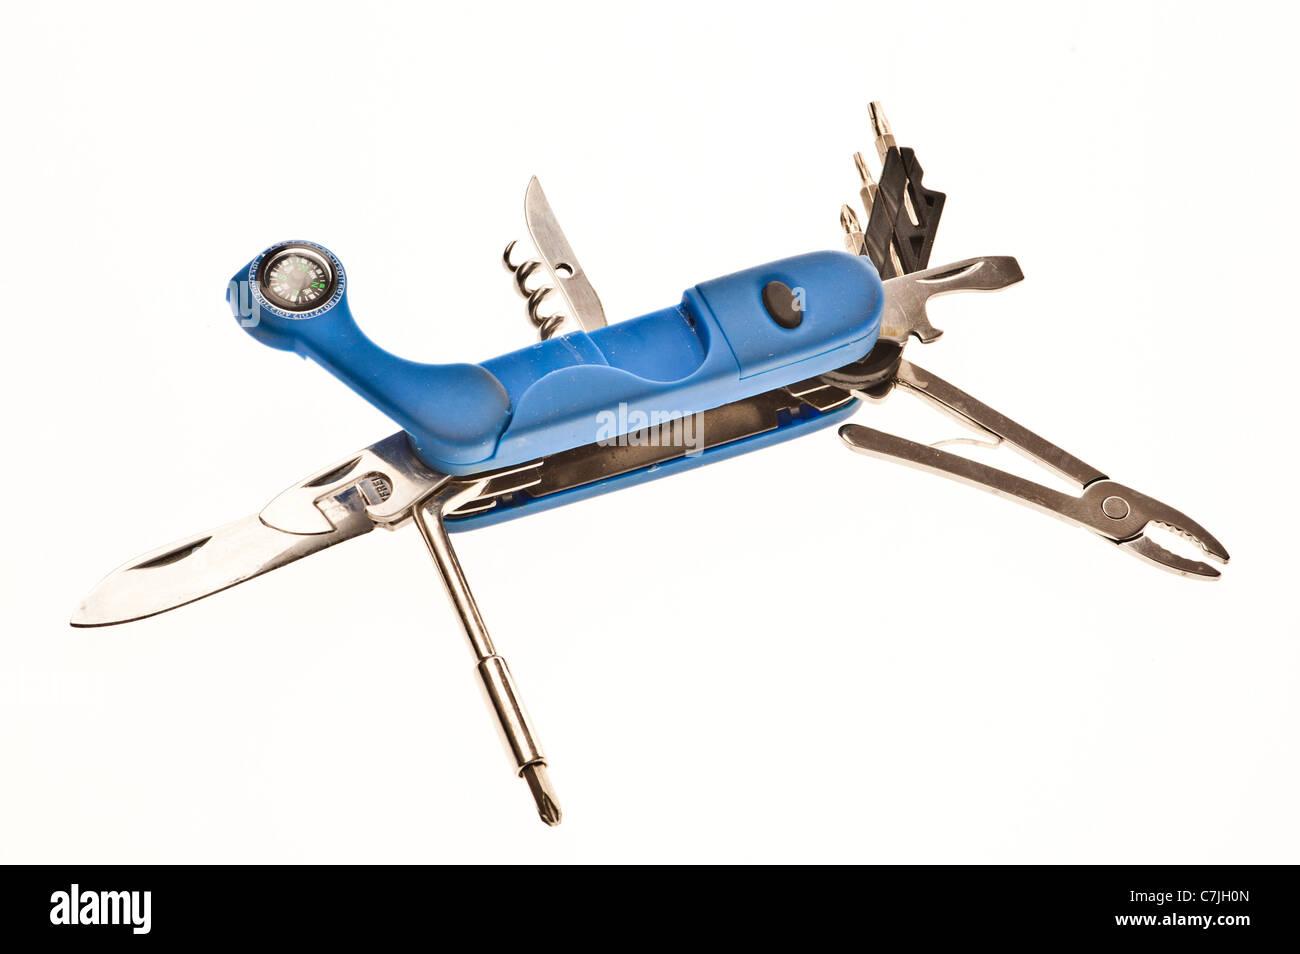 Ouverture d'un multi-outils canif sur un fond rétroéclairé blanc Photo Stock